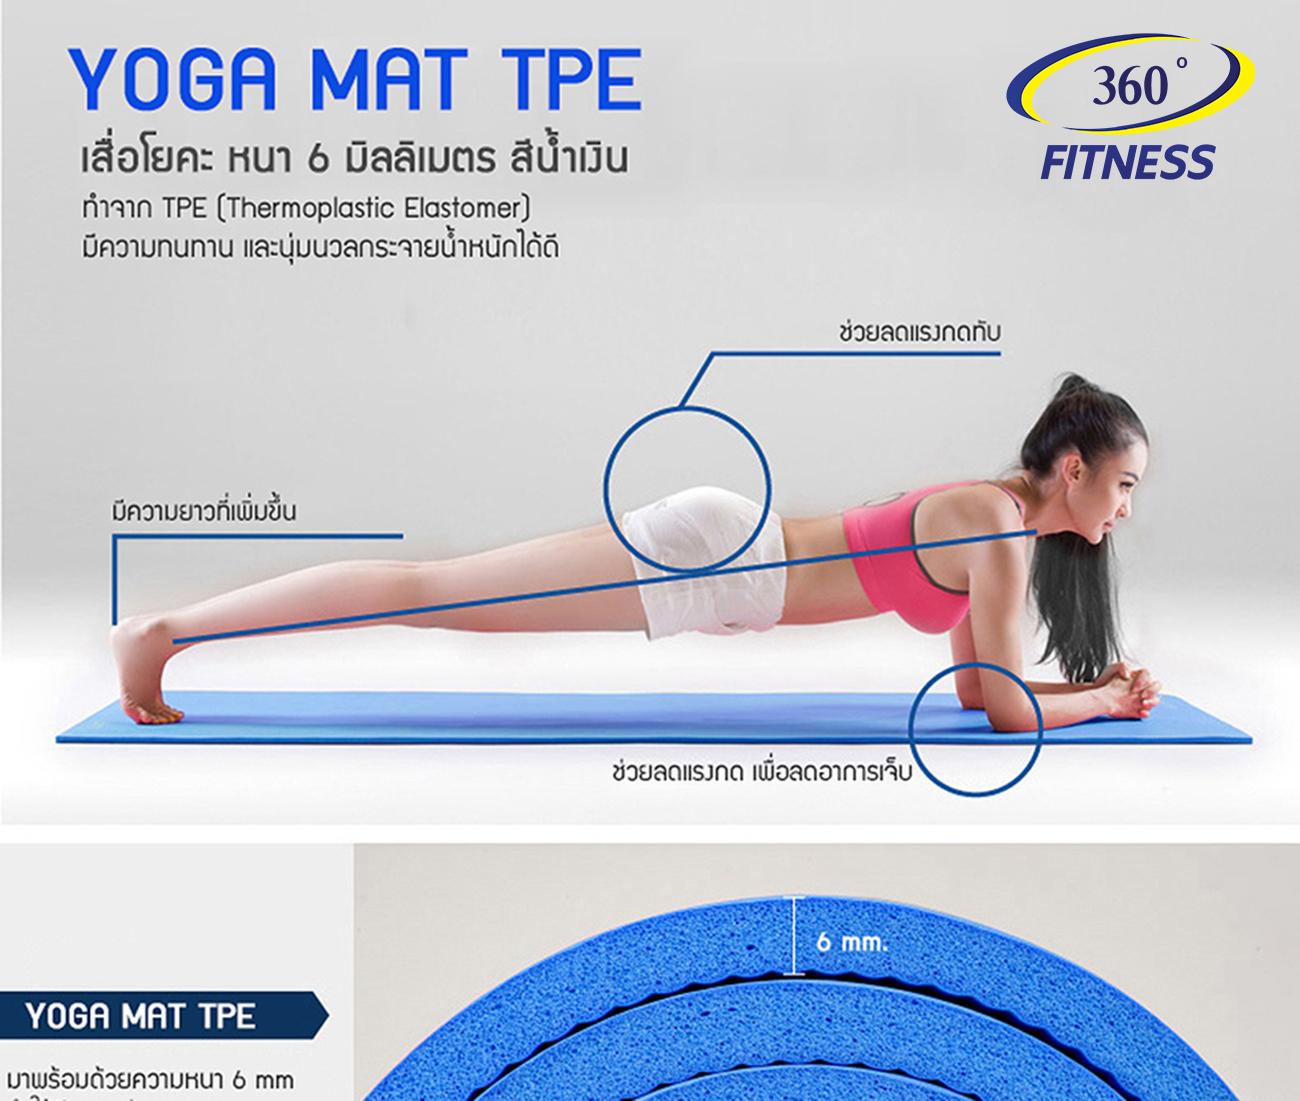 เสื่อโยคะ YOGA MAT TPE หนา 6 มิลลิเมตร สีน้ำเงิน MB-32002